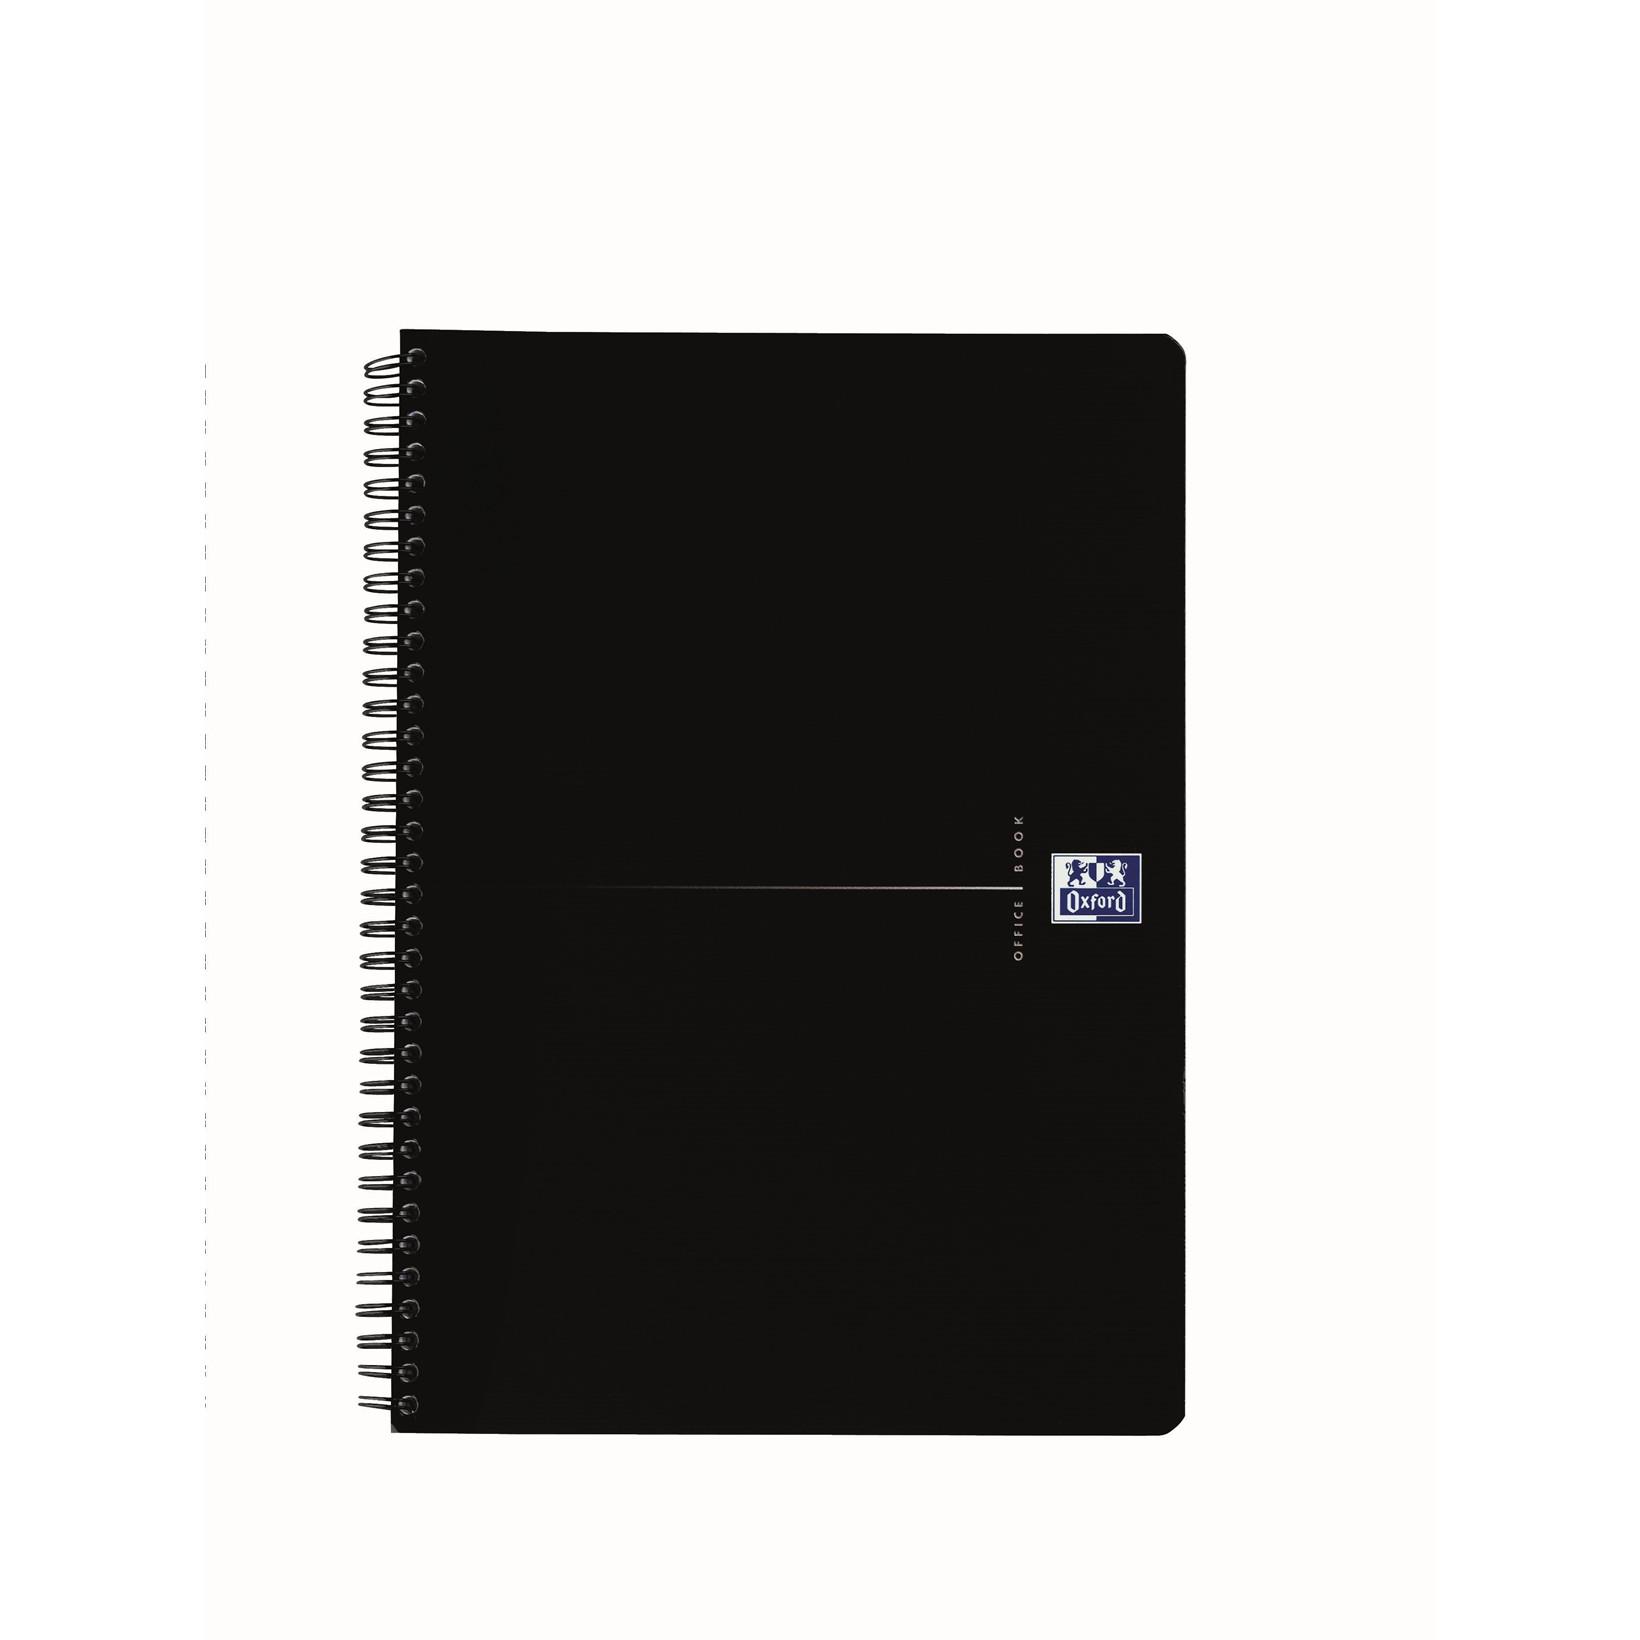 Oxford Notesbog Office Smart A4 - Sort omslag 90g linjeret papir - 90 sider